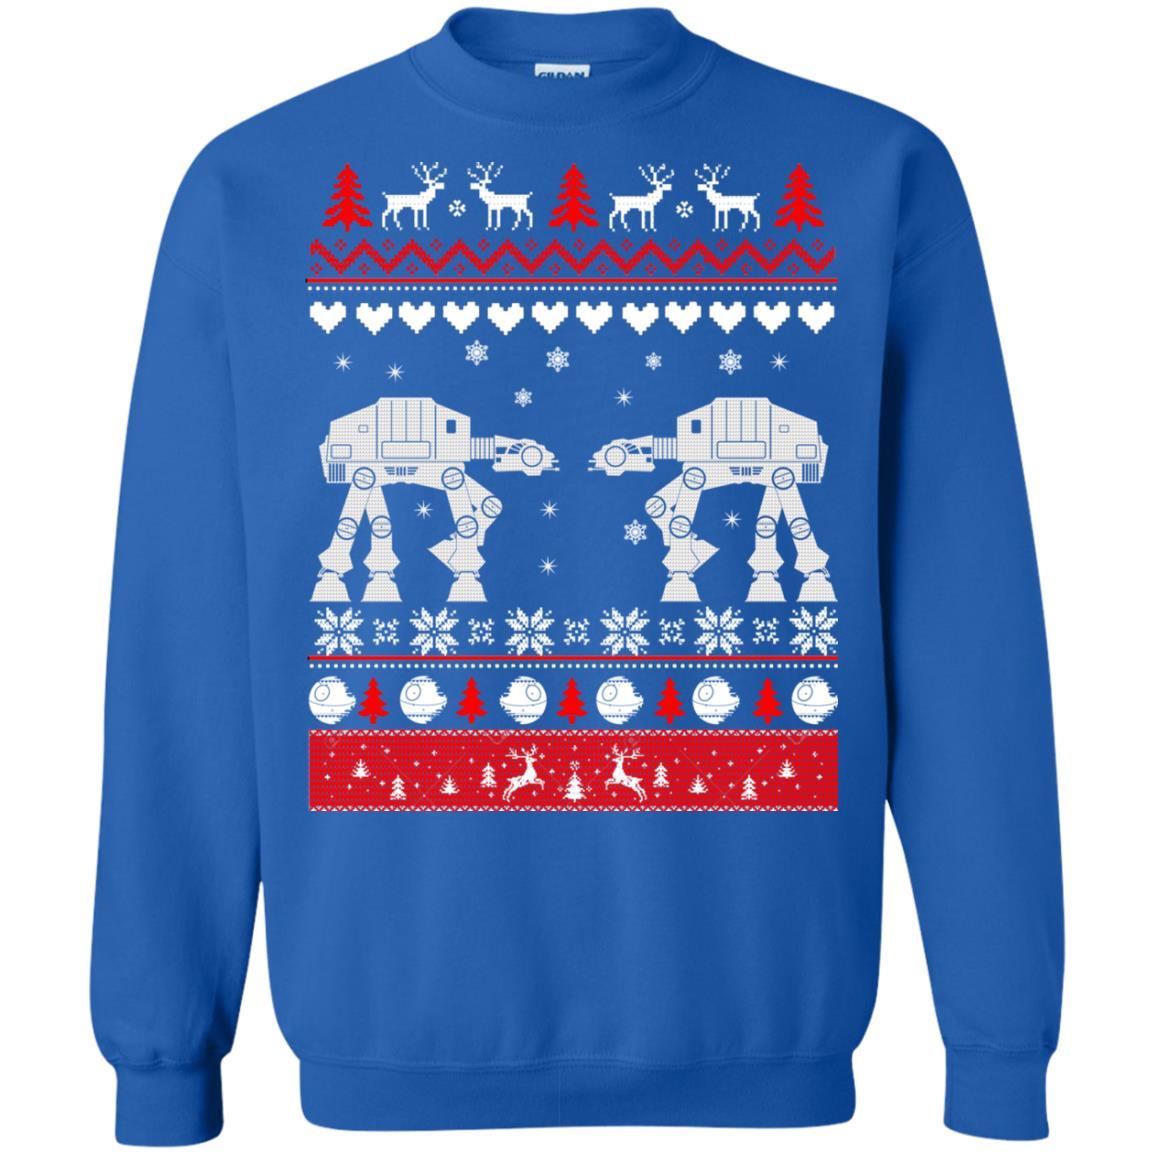 image 1744 - Star Wars AT AT Walker Christmas Sweatshirt, Hoodie